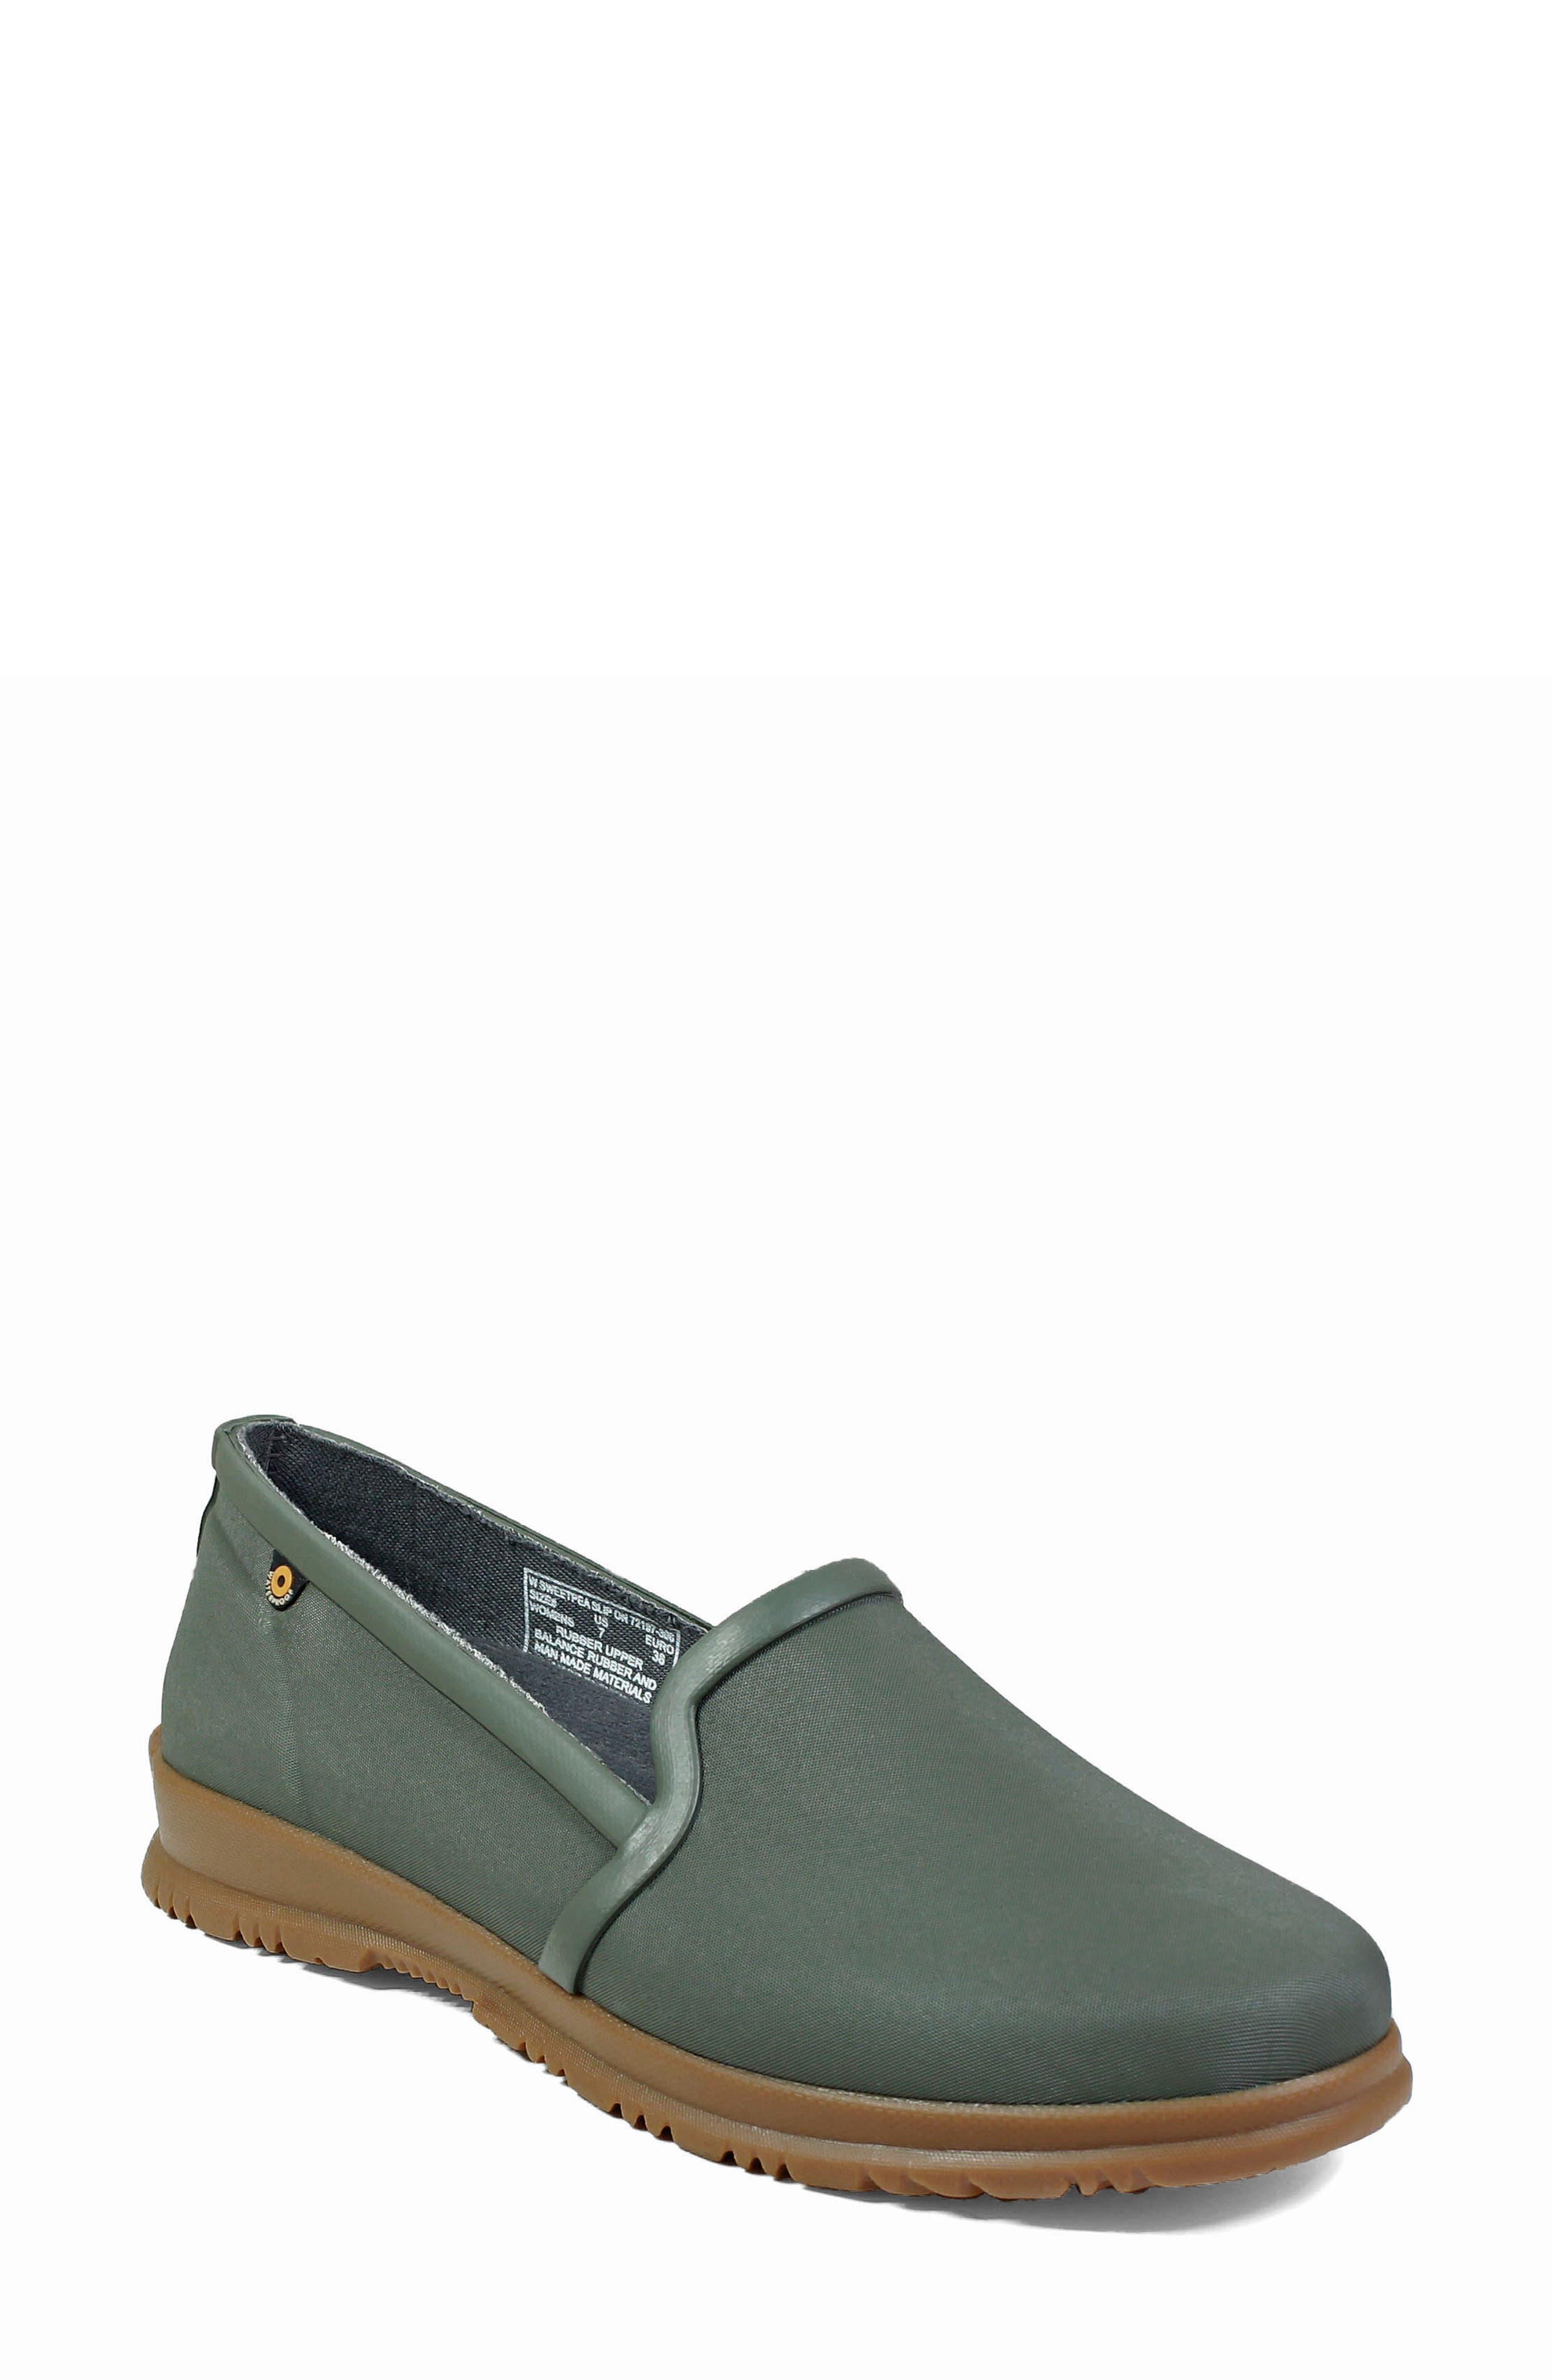 BOGS,                             Sweetpea Waterproof Slip-On Sneaker,                             Main thumbnail 1, color,                             SAGE